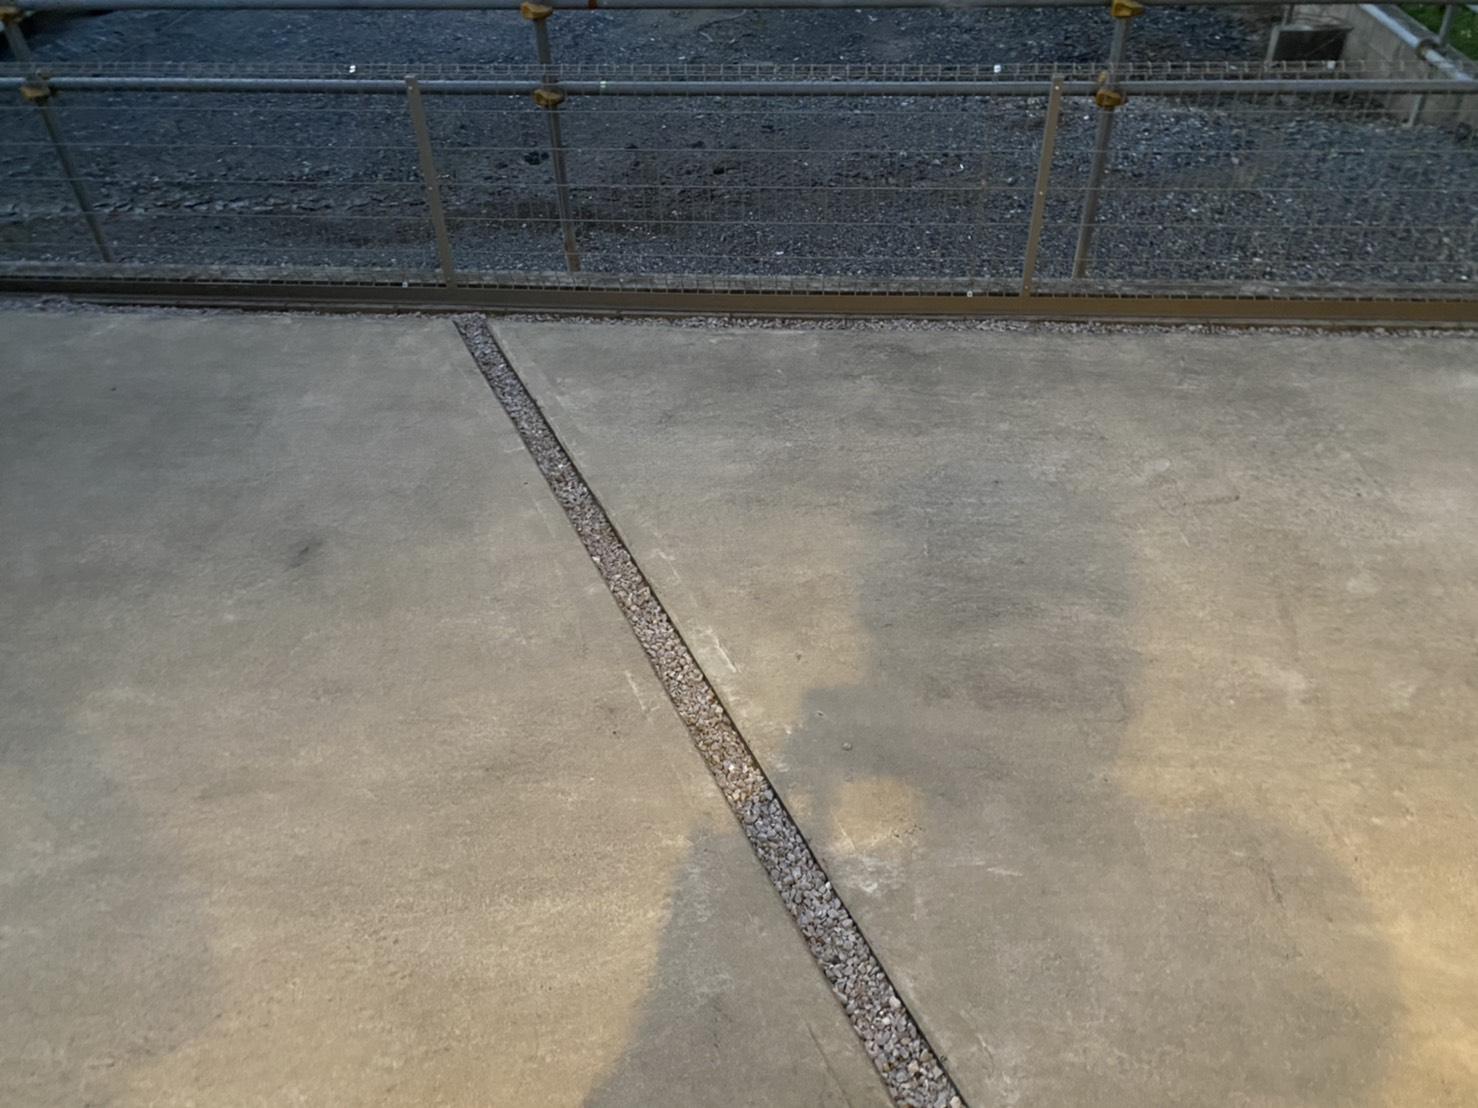 埼玉県川越市のリクライニングチェアの回収後